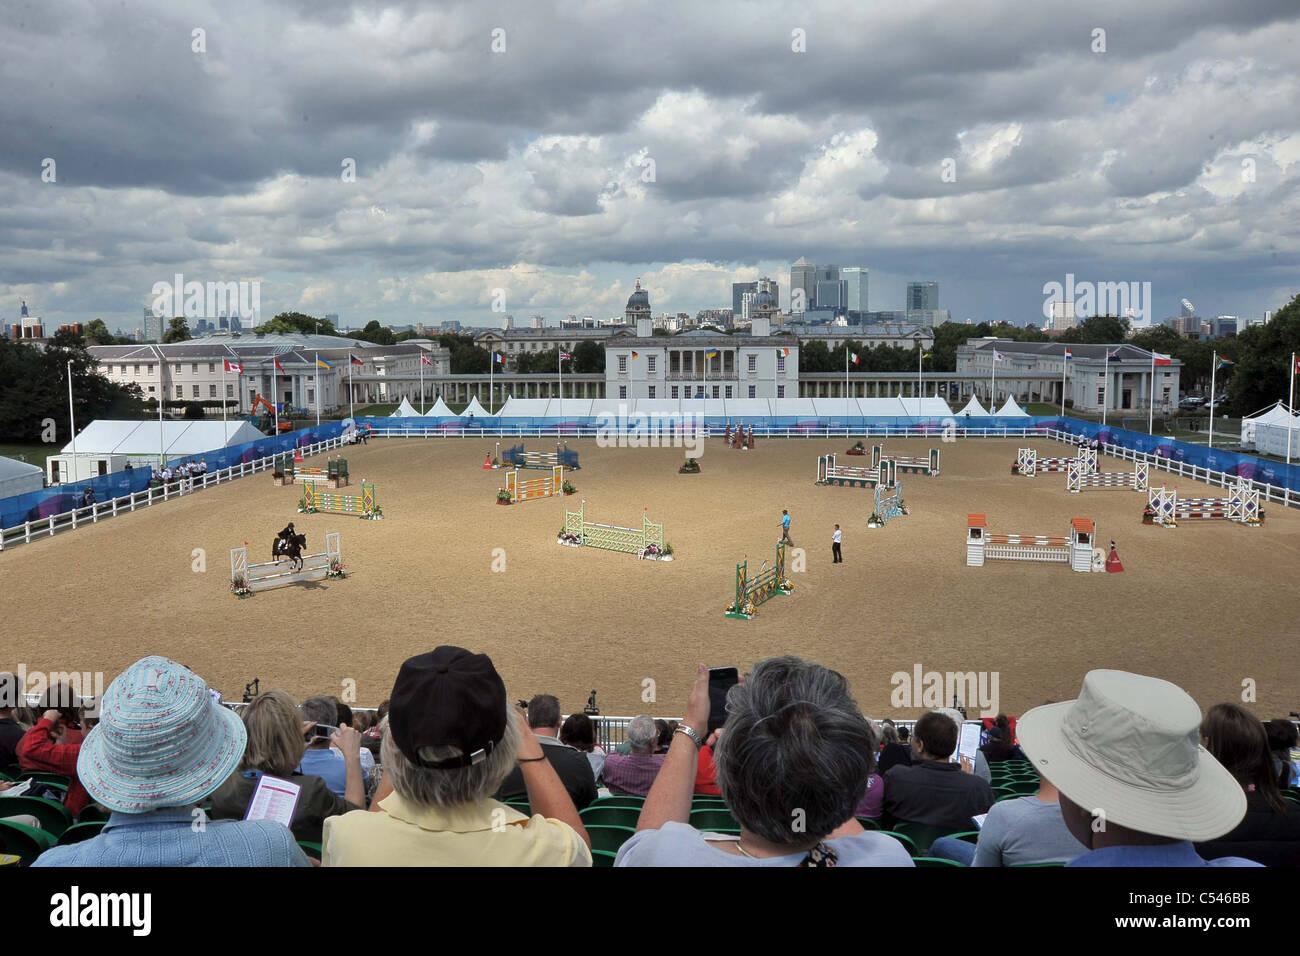 La folla guarda come Andreas Riedl riding Jabadaba Doo (Austria) salti. Show Jumping dimostrazione della concorrenza. Immagini Stock